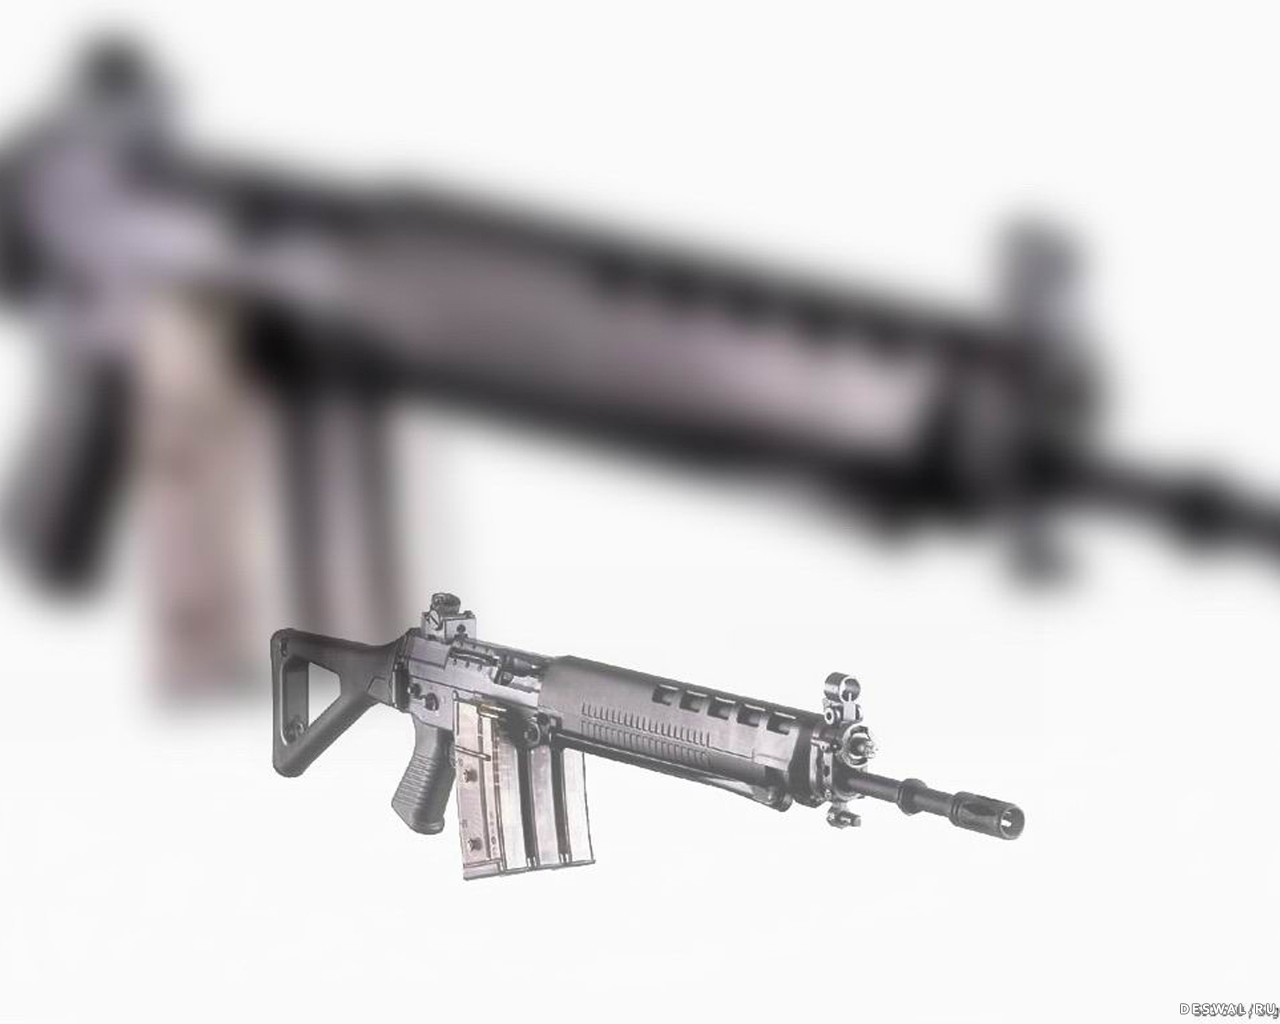 Фото 17. Нажмите на картинку с обоями оружия, чтобы просмотреть ее в реальном размере